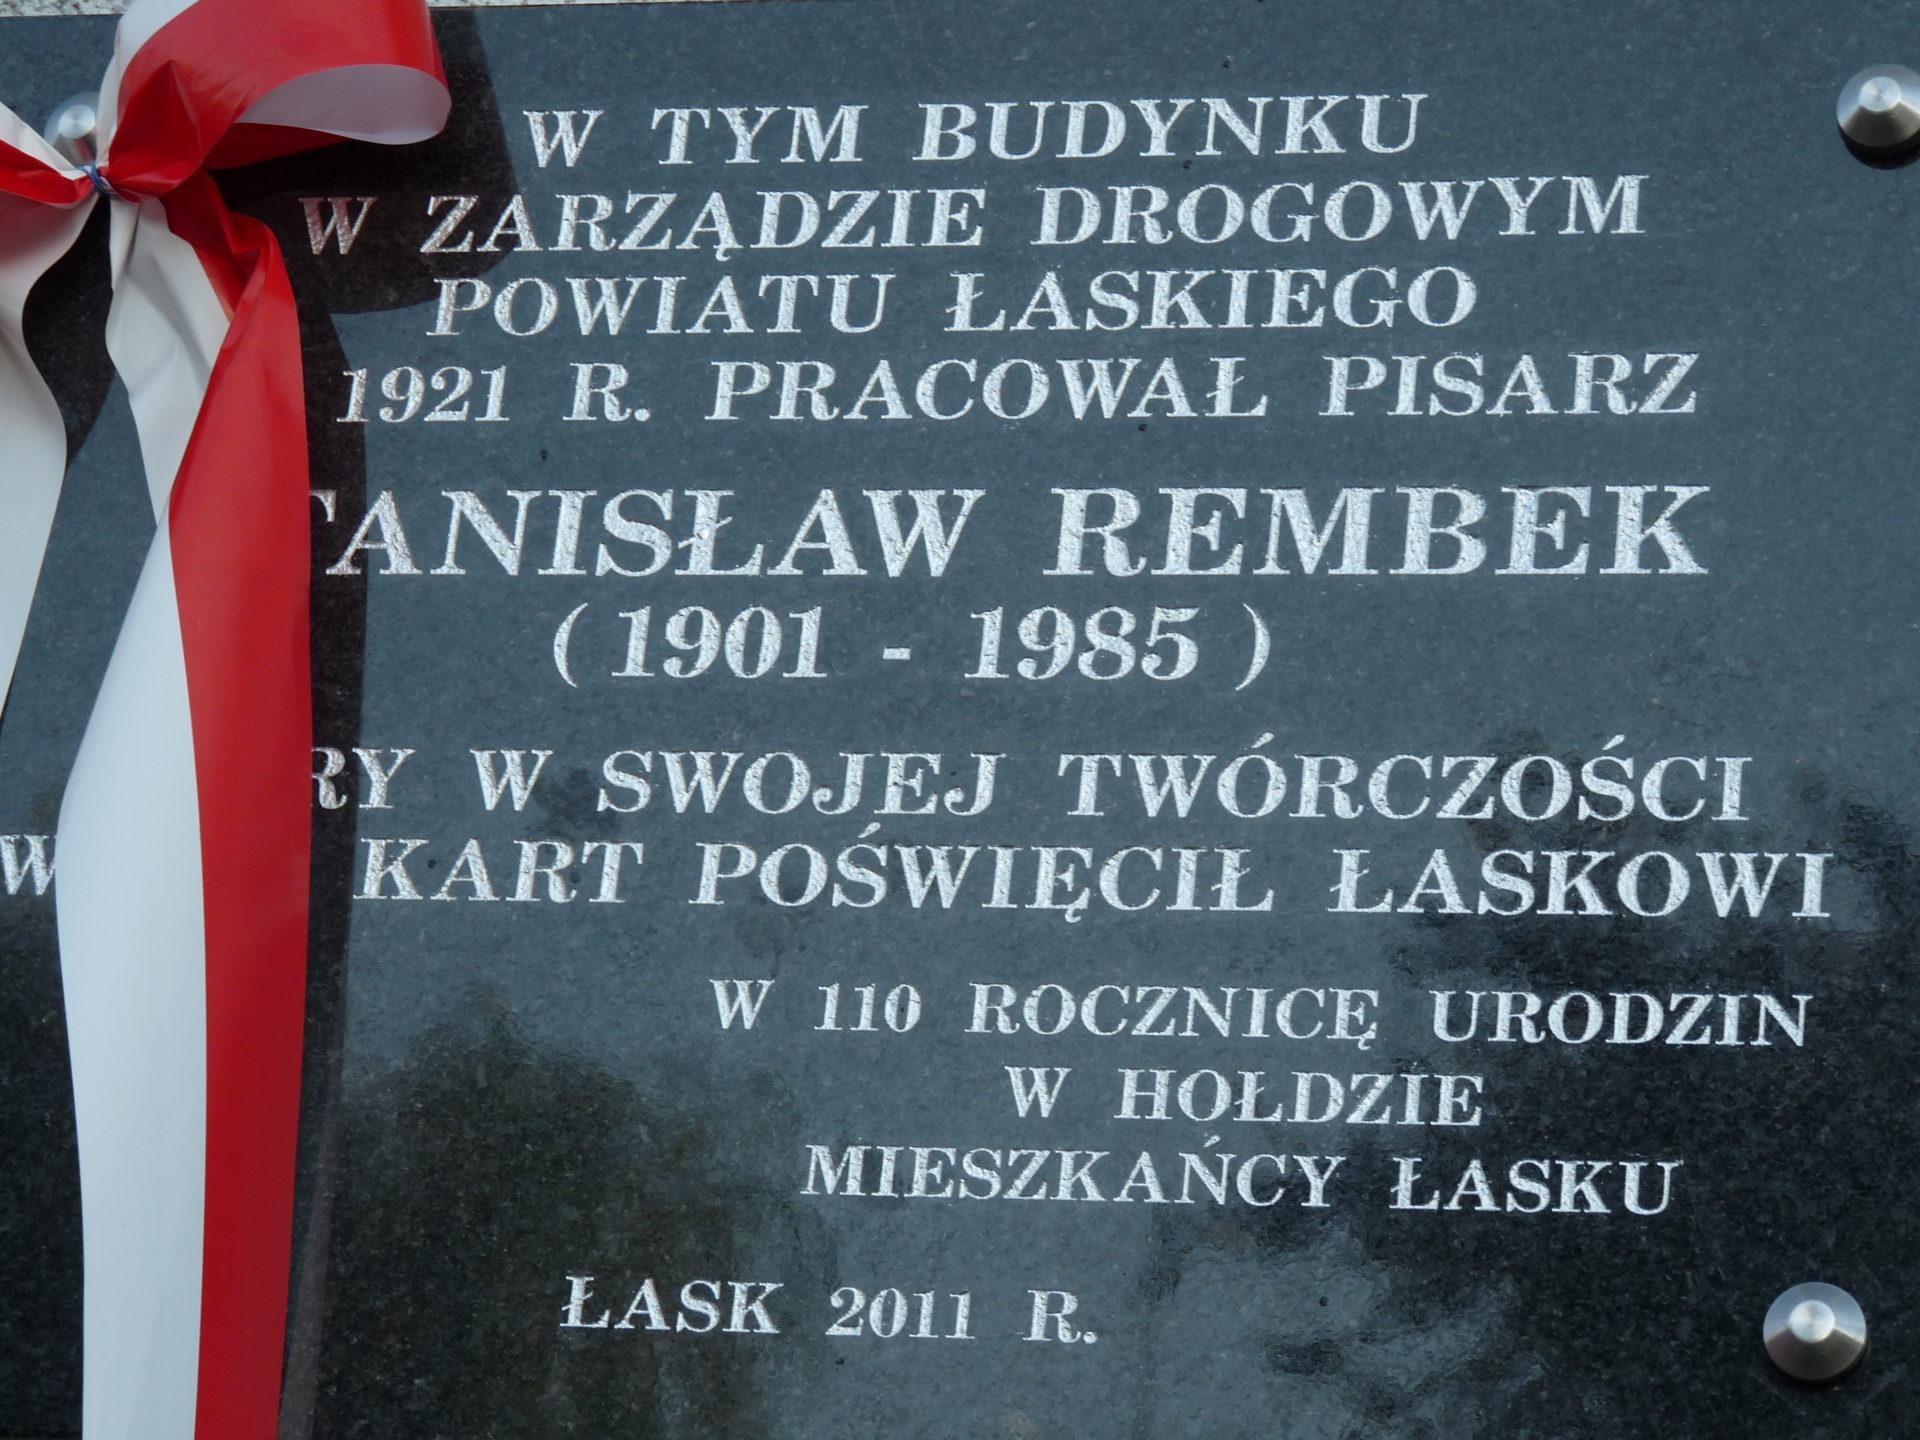 Odsłonięcie tablicy poświęconej Stanisławowi Rembekowi